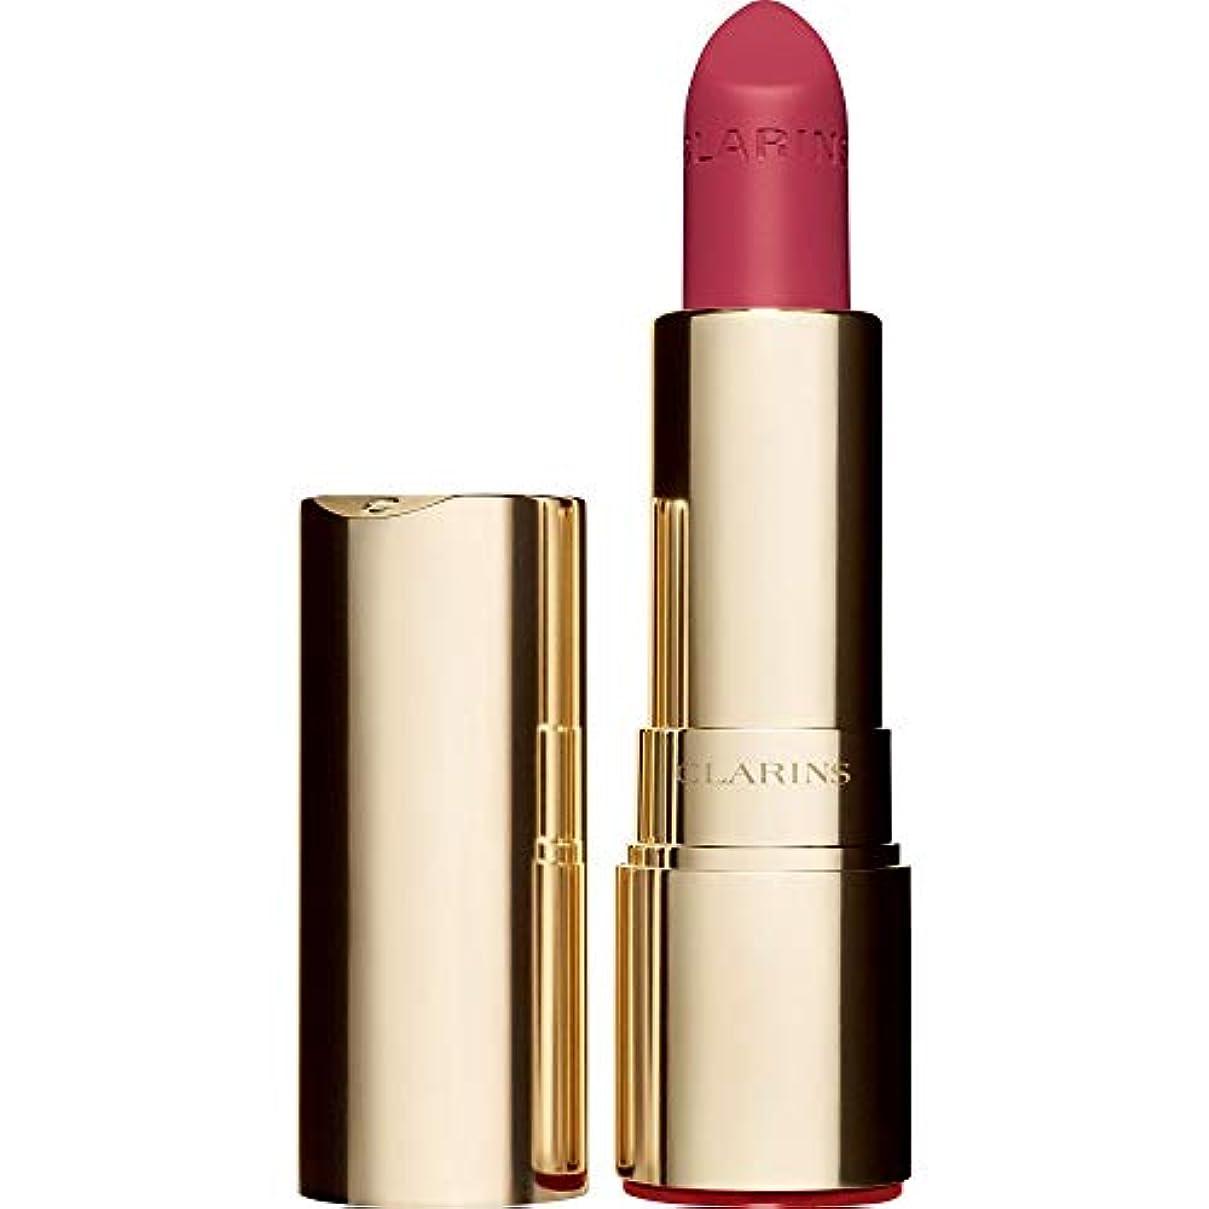 聖歌感性販売員[Clarins ] クラランスジョリルージュのベルベットの口紅3.5グラムの756V - グアバ - Clarins Joli Rouge Velvet Lipstick 3.5g 756V - Guava [並行輸入品]